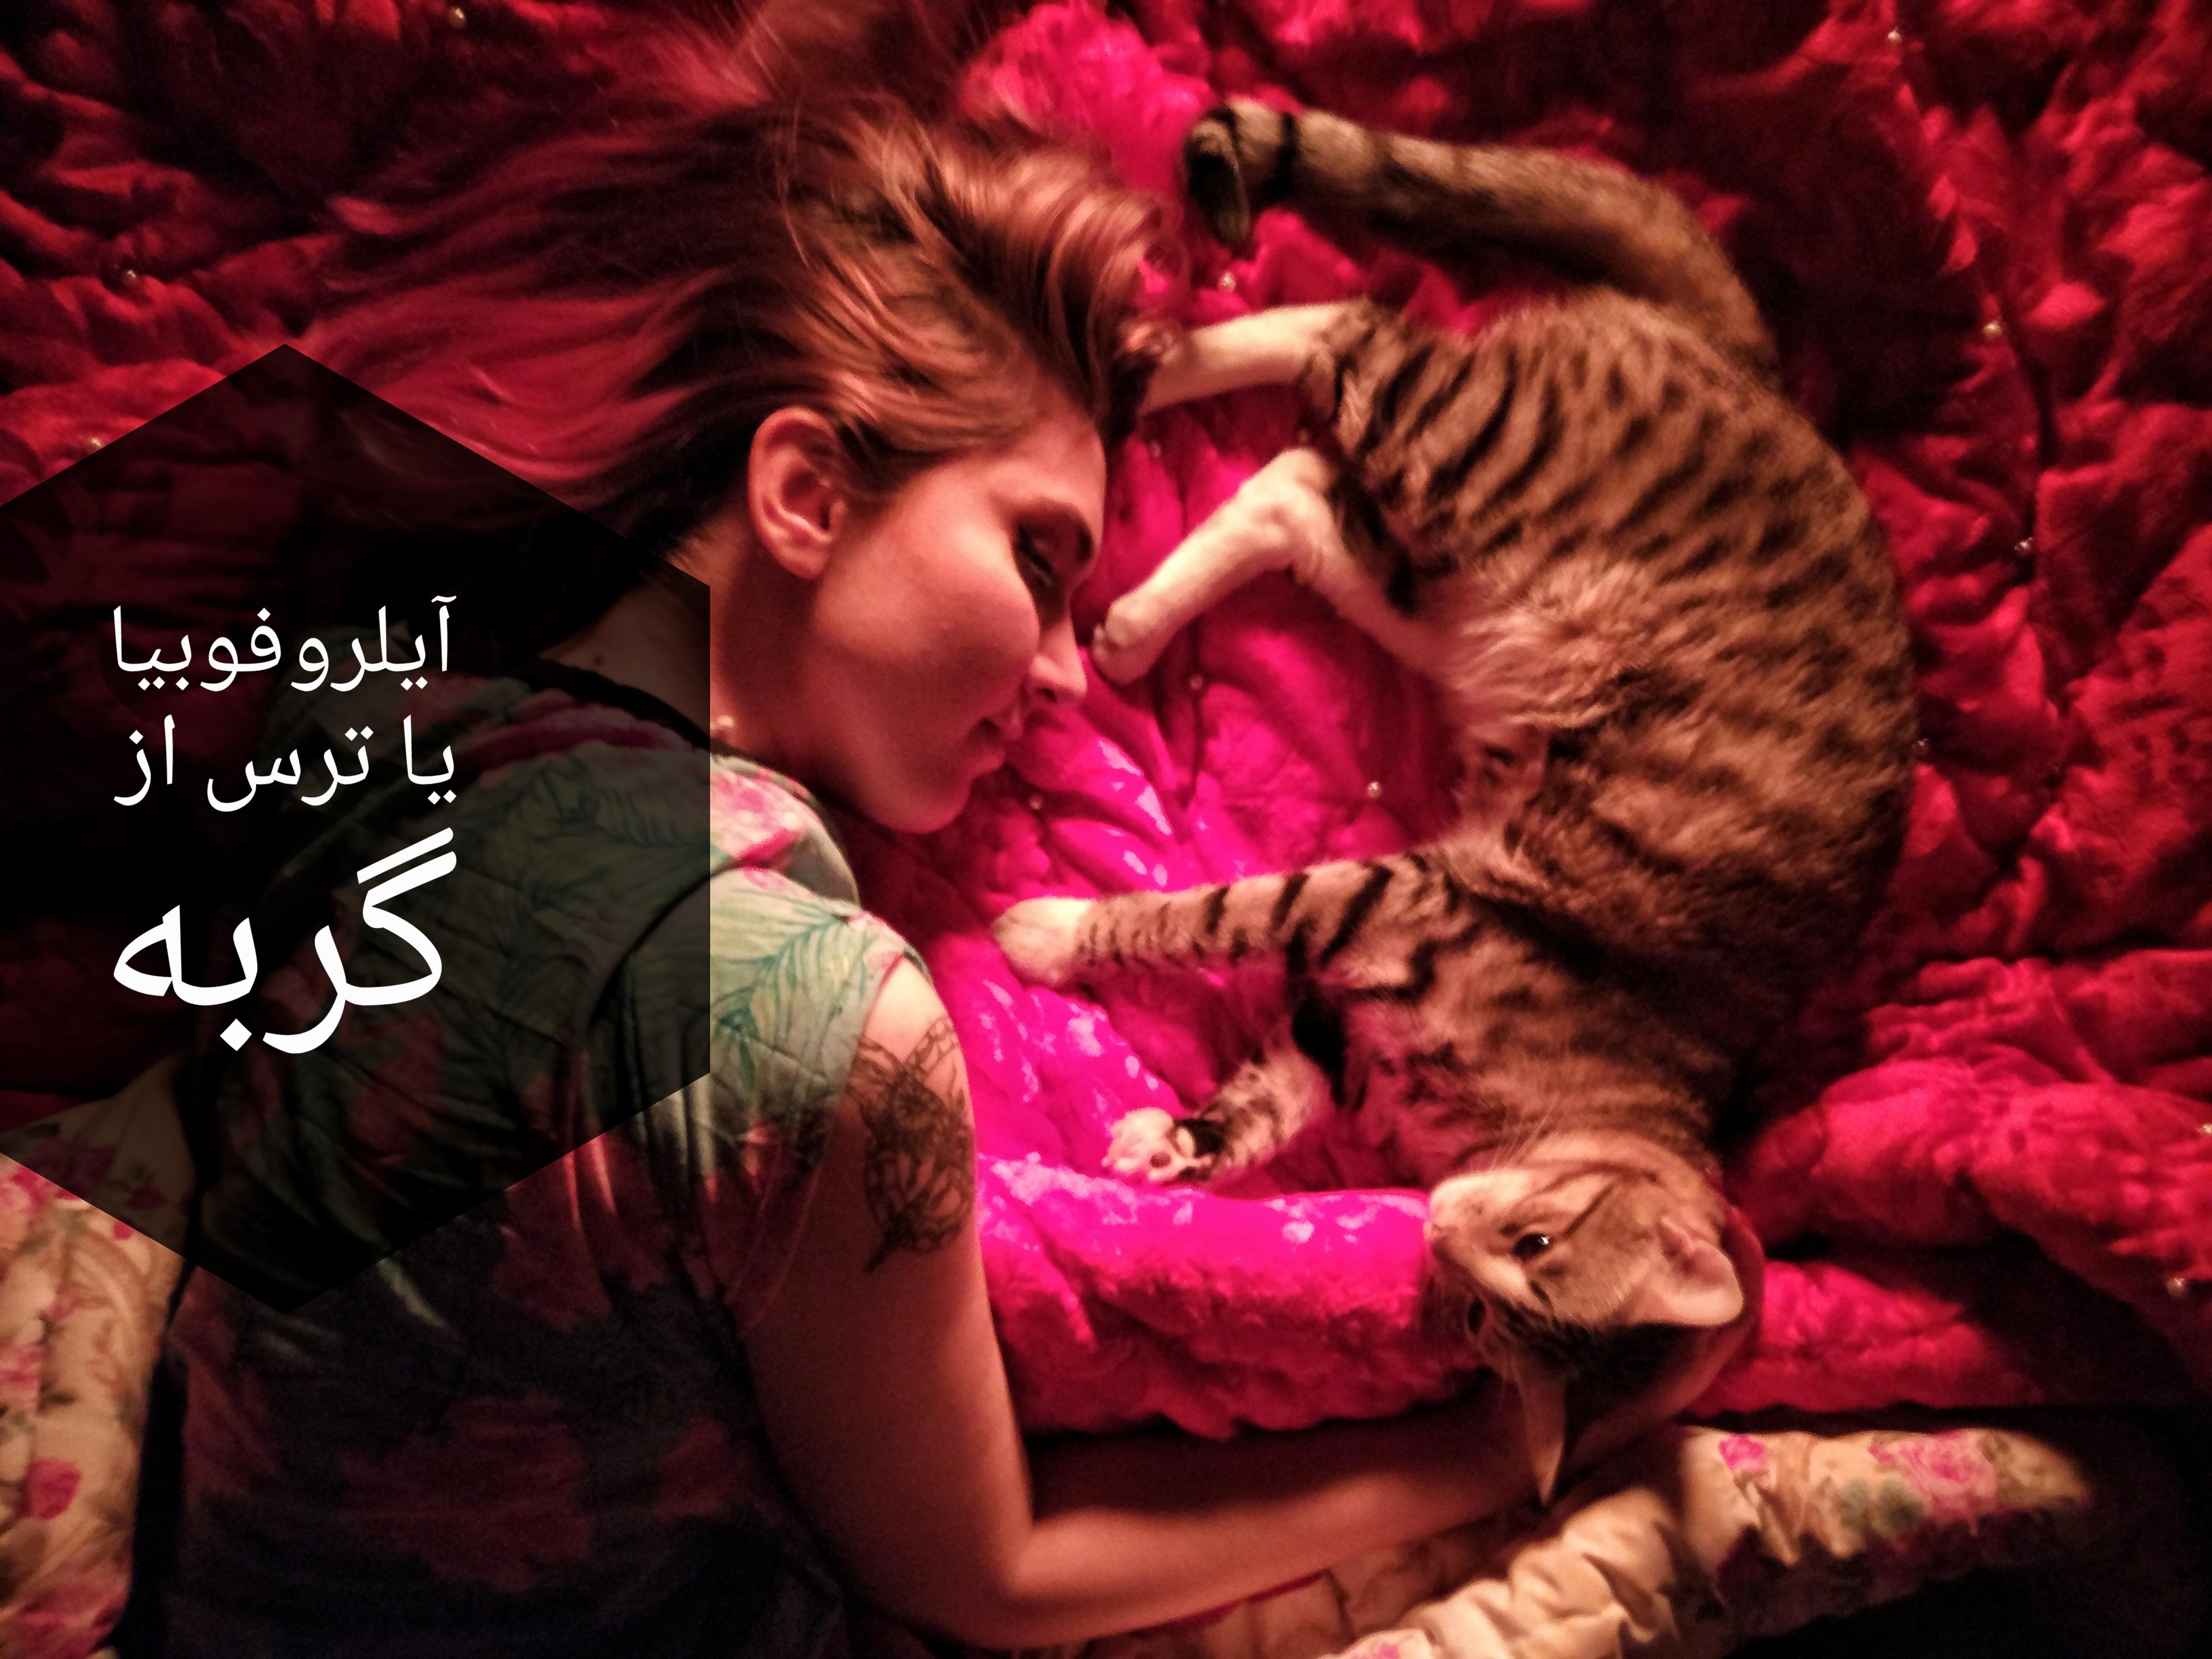 آیلروفوبیا یا ترس از گربه و راههای درمان آن